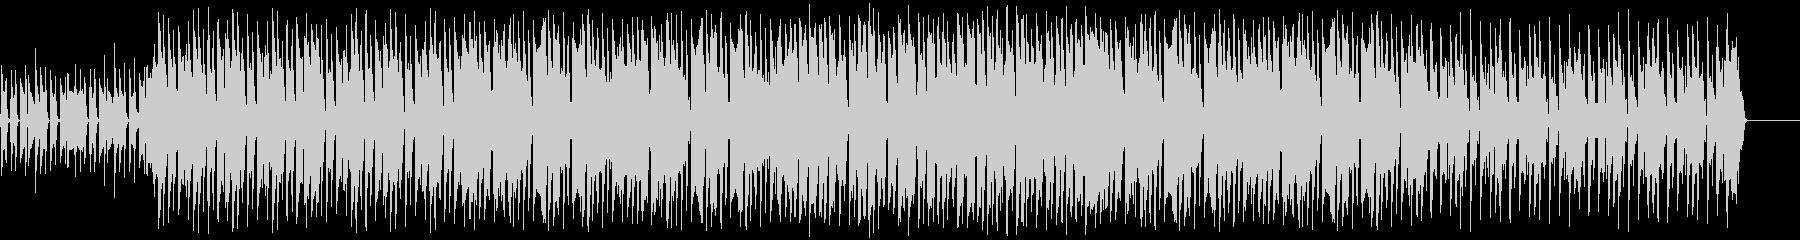 エレクトロスウィング/ジャジー/コミカルの未再生の波形